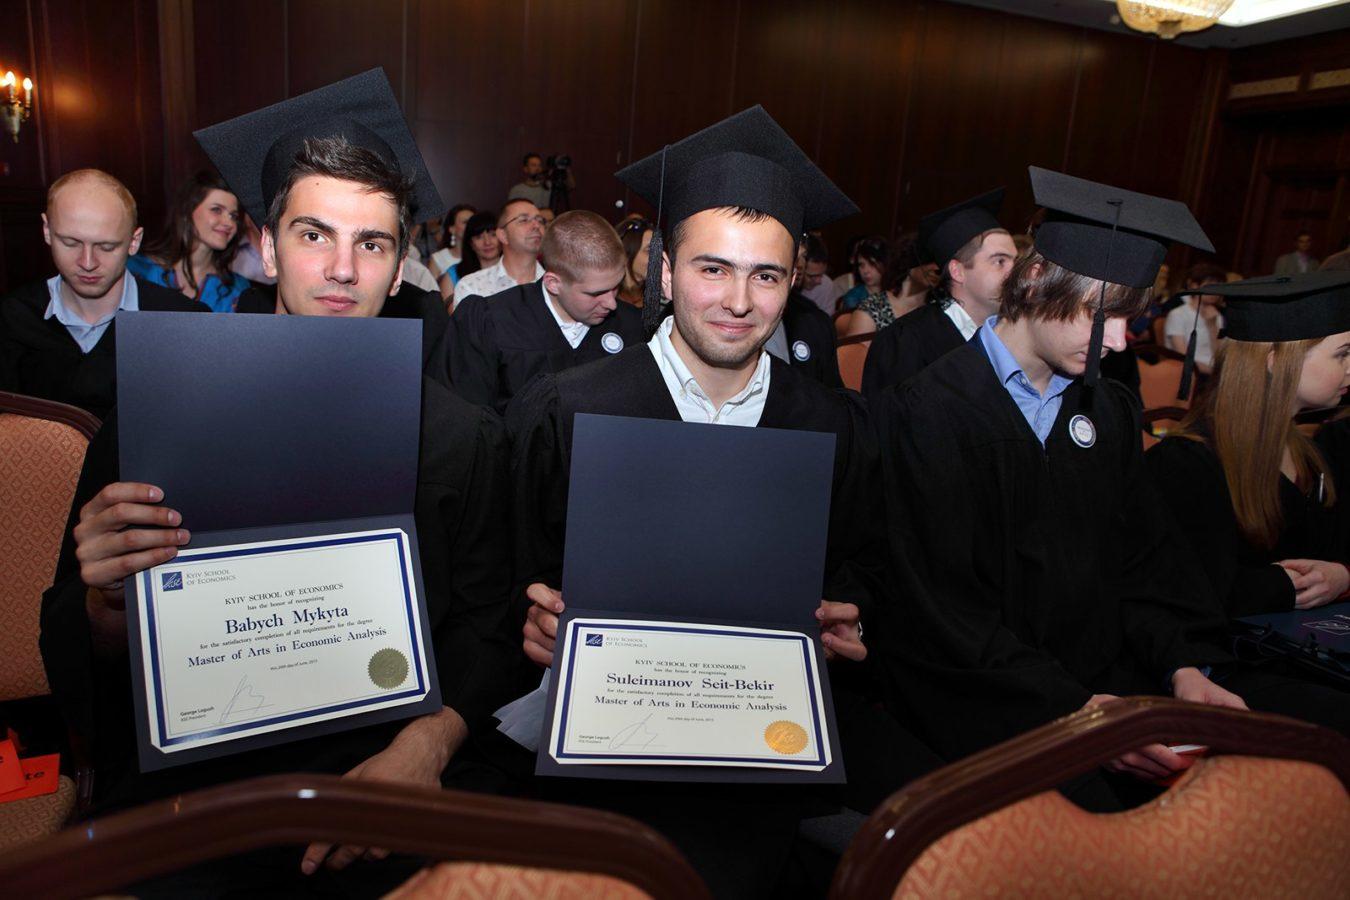 Бекир Сулейманов получает диплом